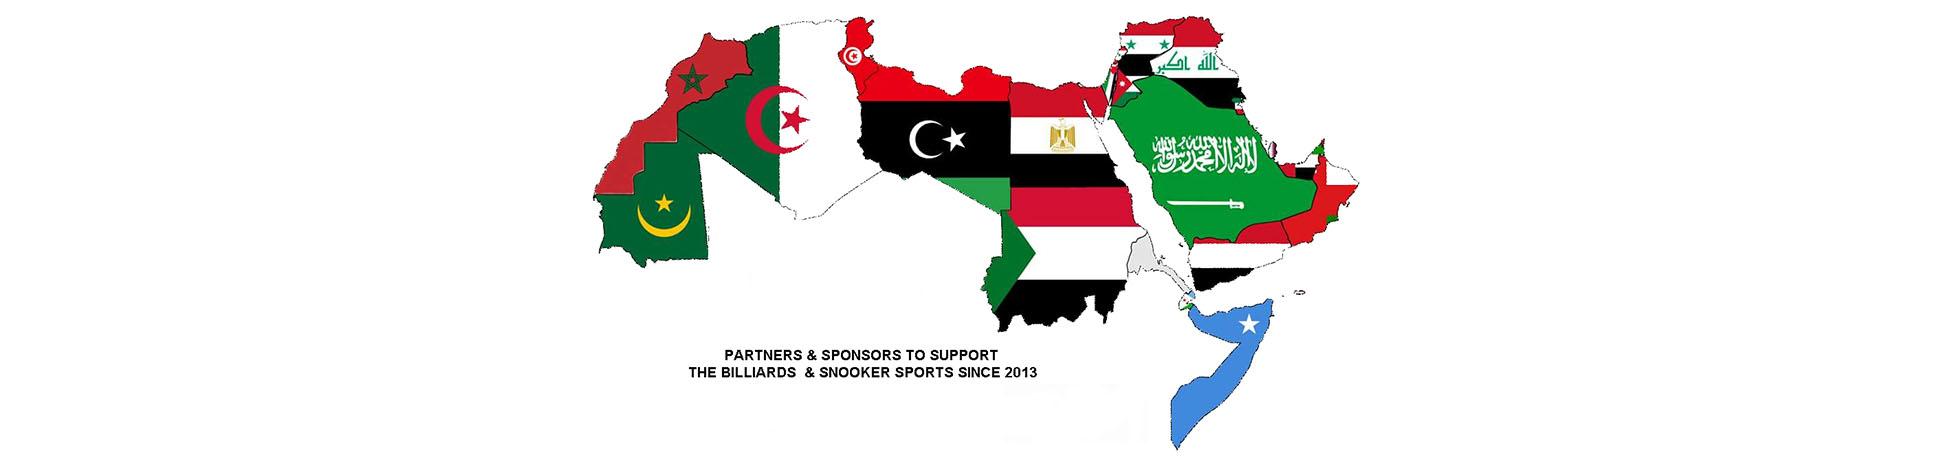 2017-banner-website-sponsors-partners-2